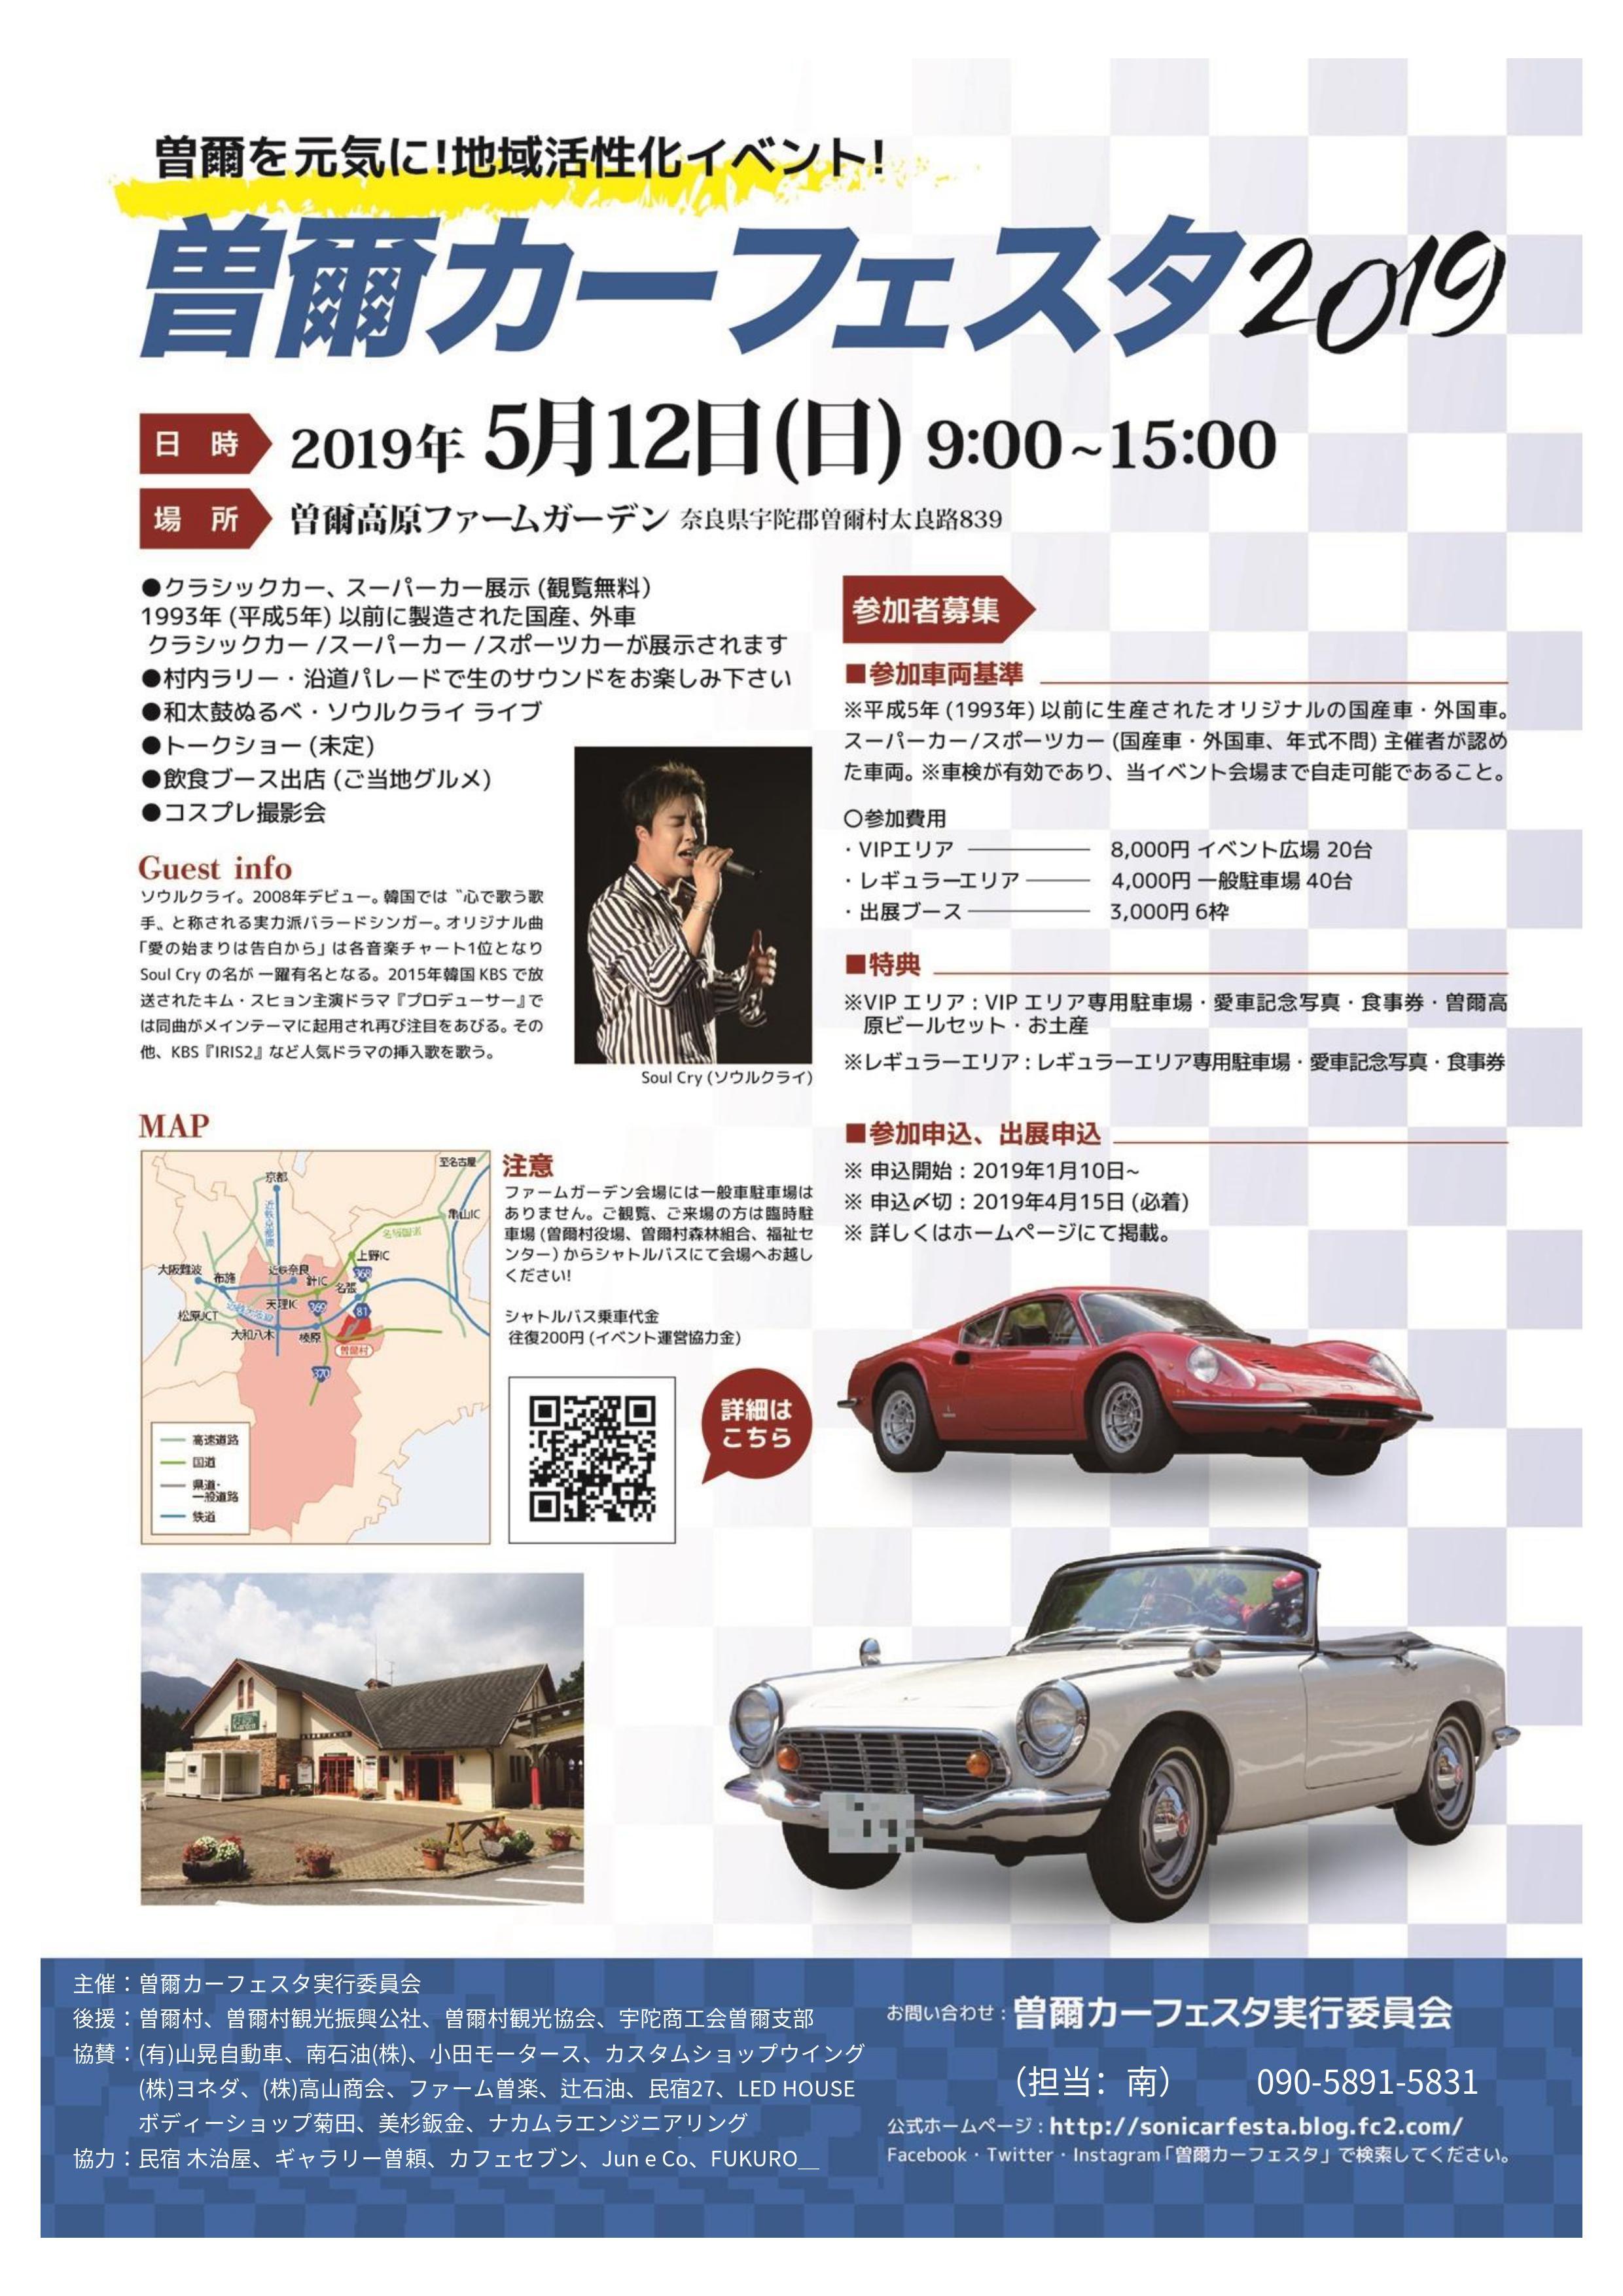 2019年、曽爾カーフェスタ、イベント、奈良っこ、奈良。